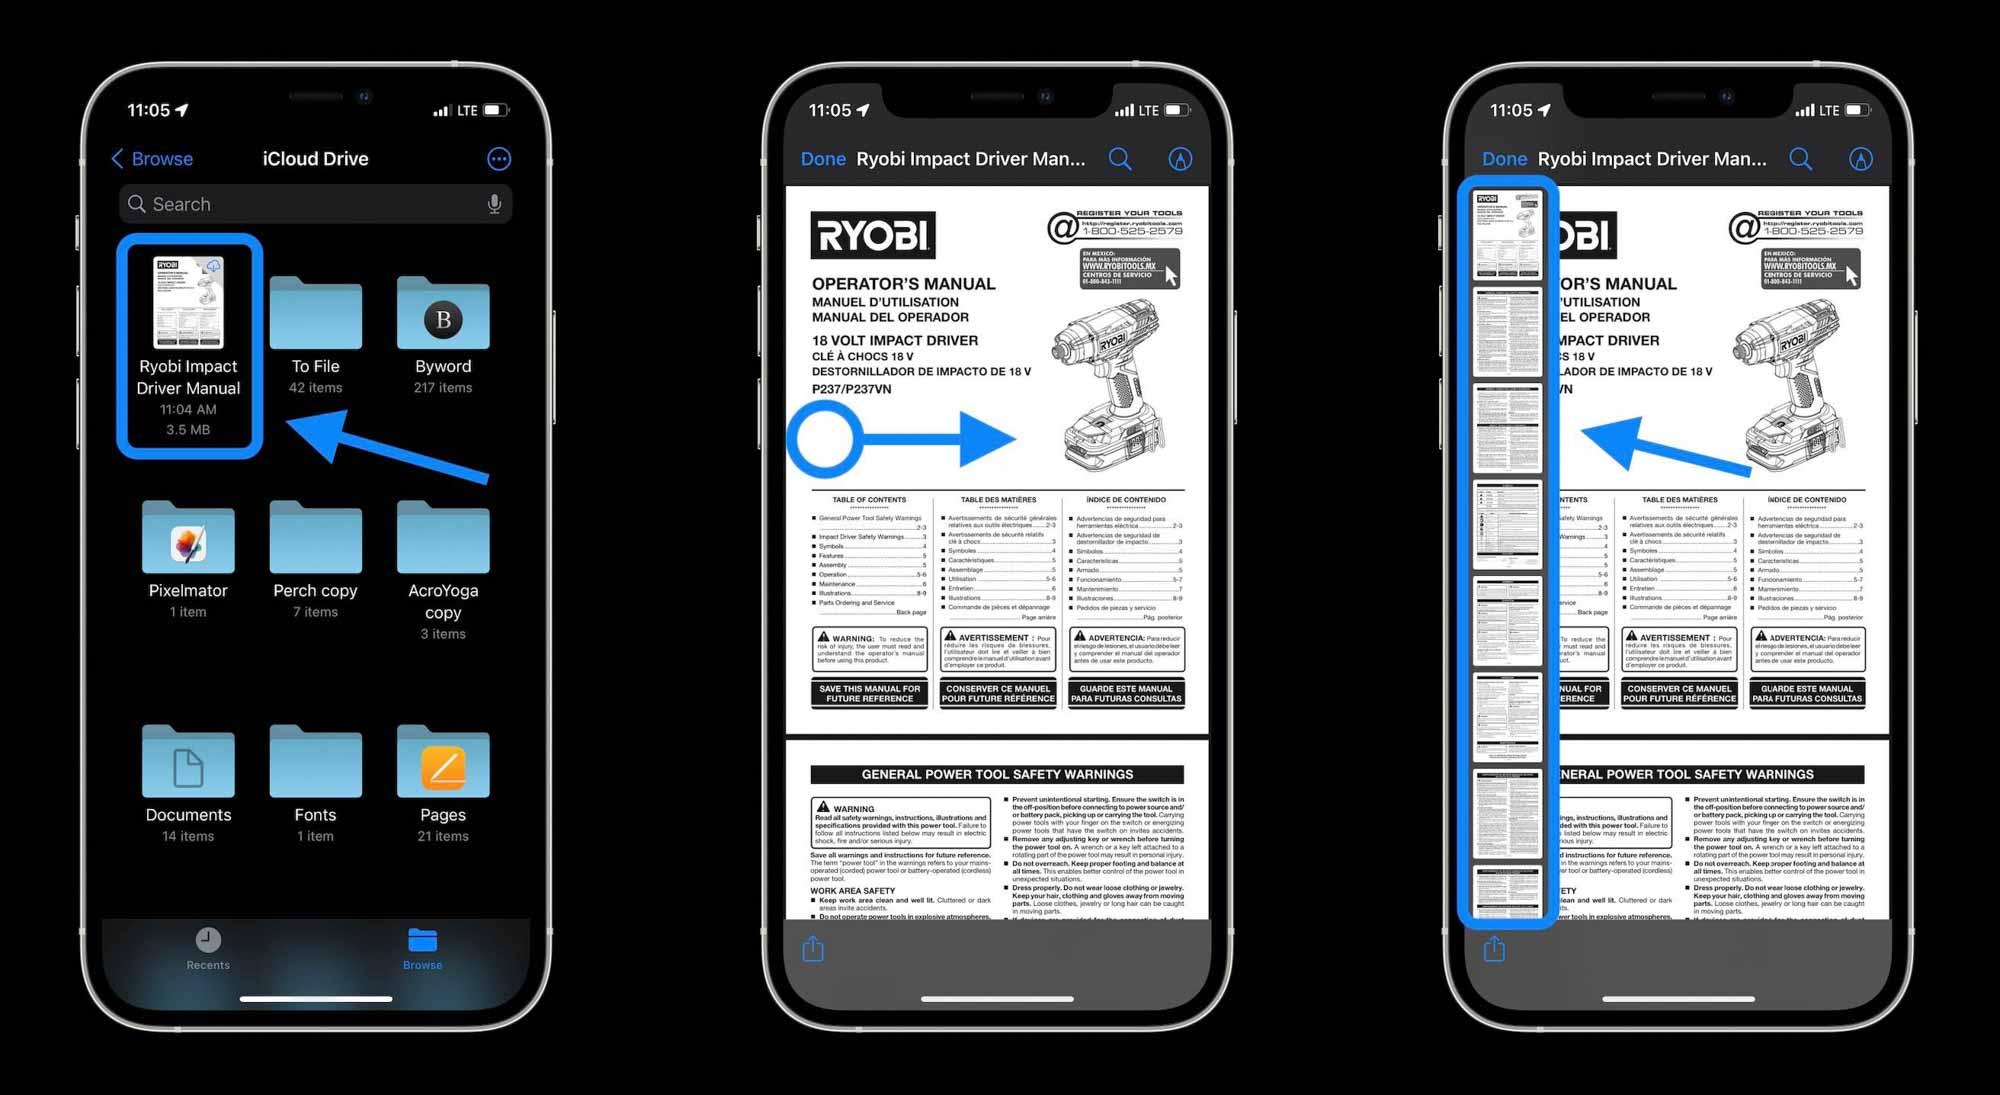 Как редактировать PDF-файлы на iPhone и iPad в iOS 15 - прохождение 1